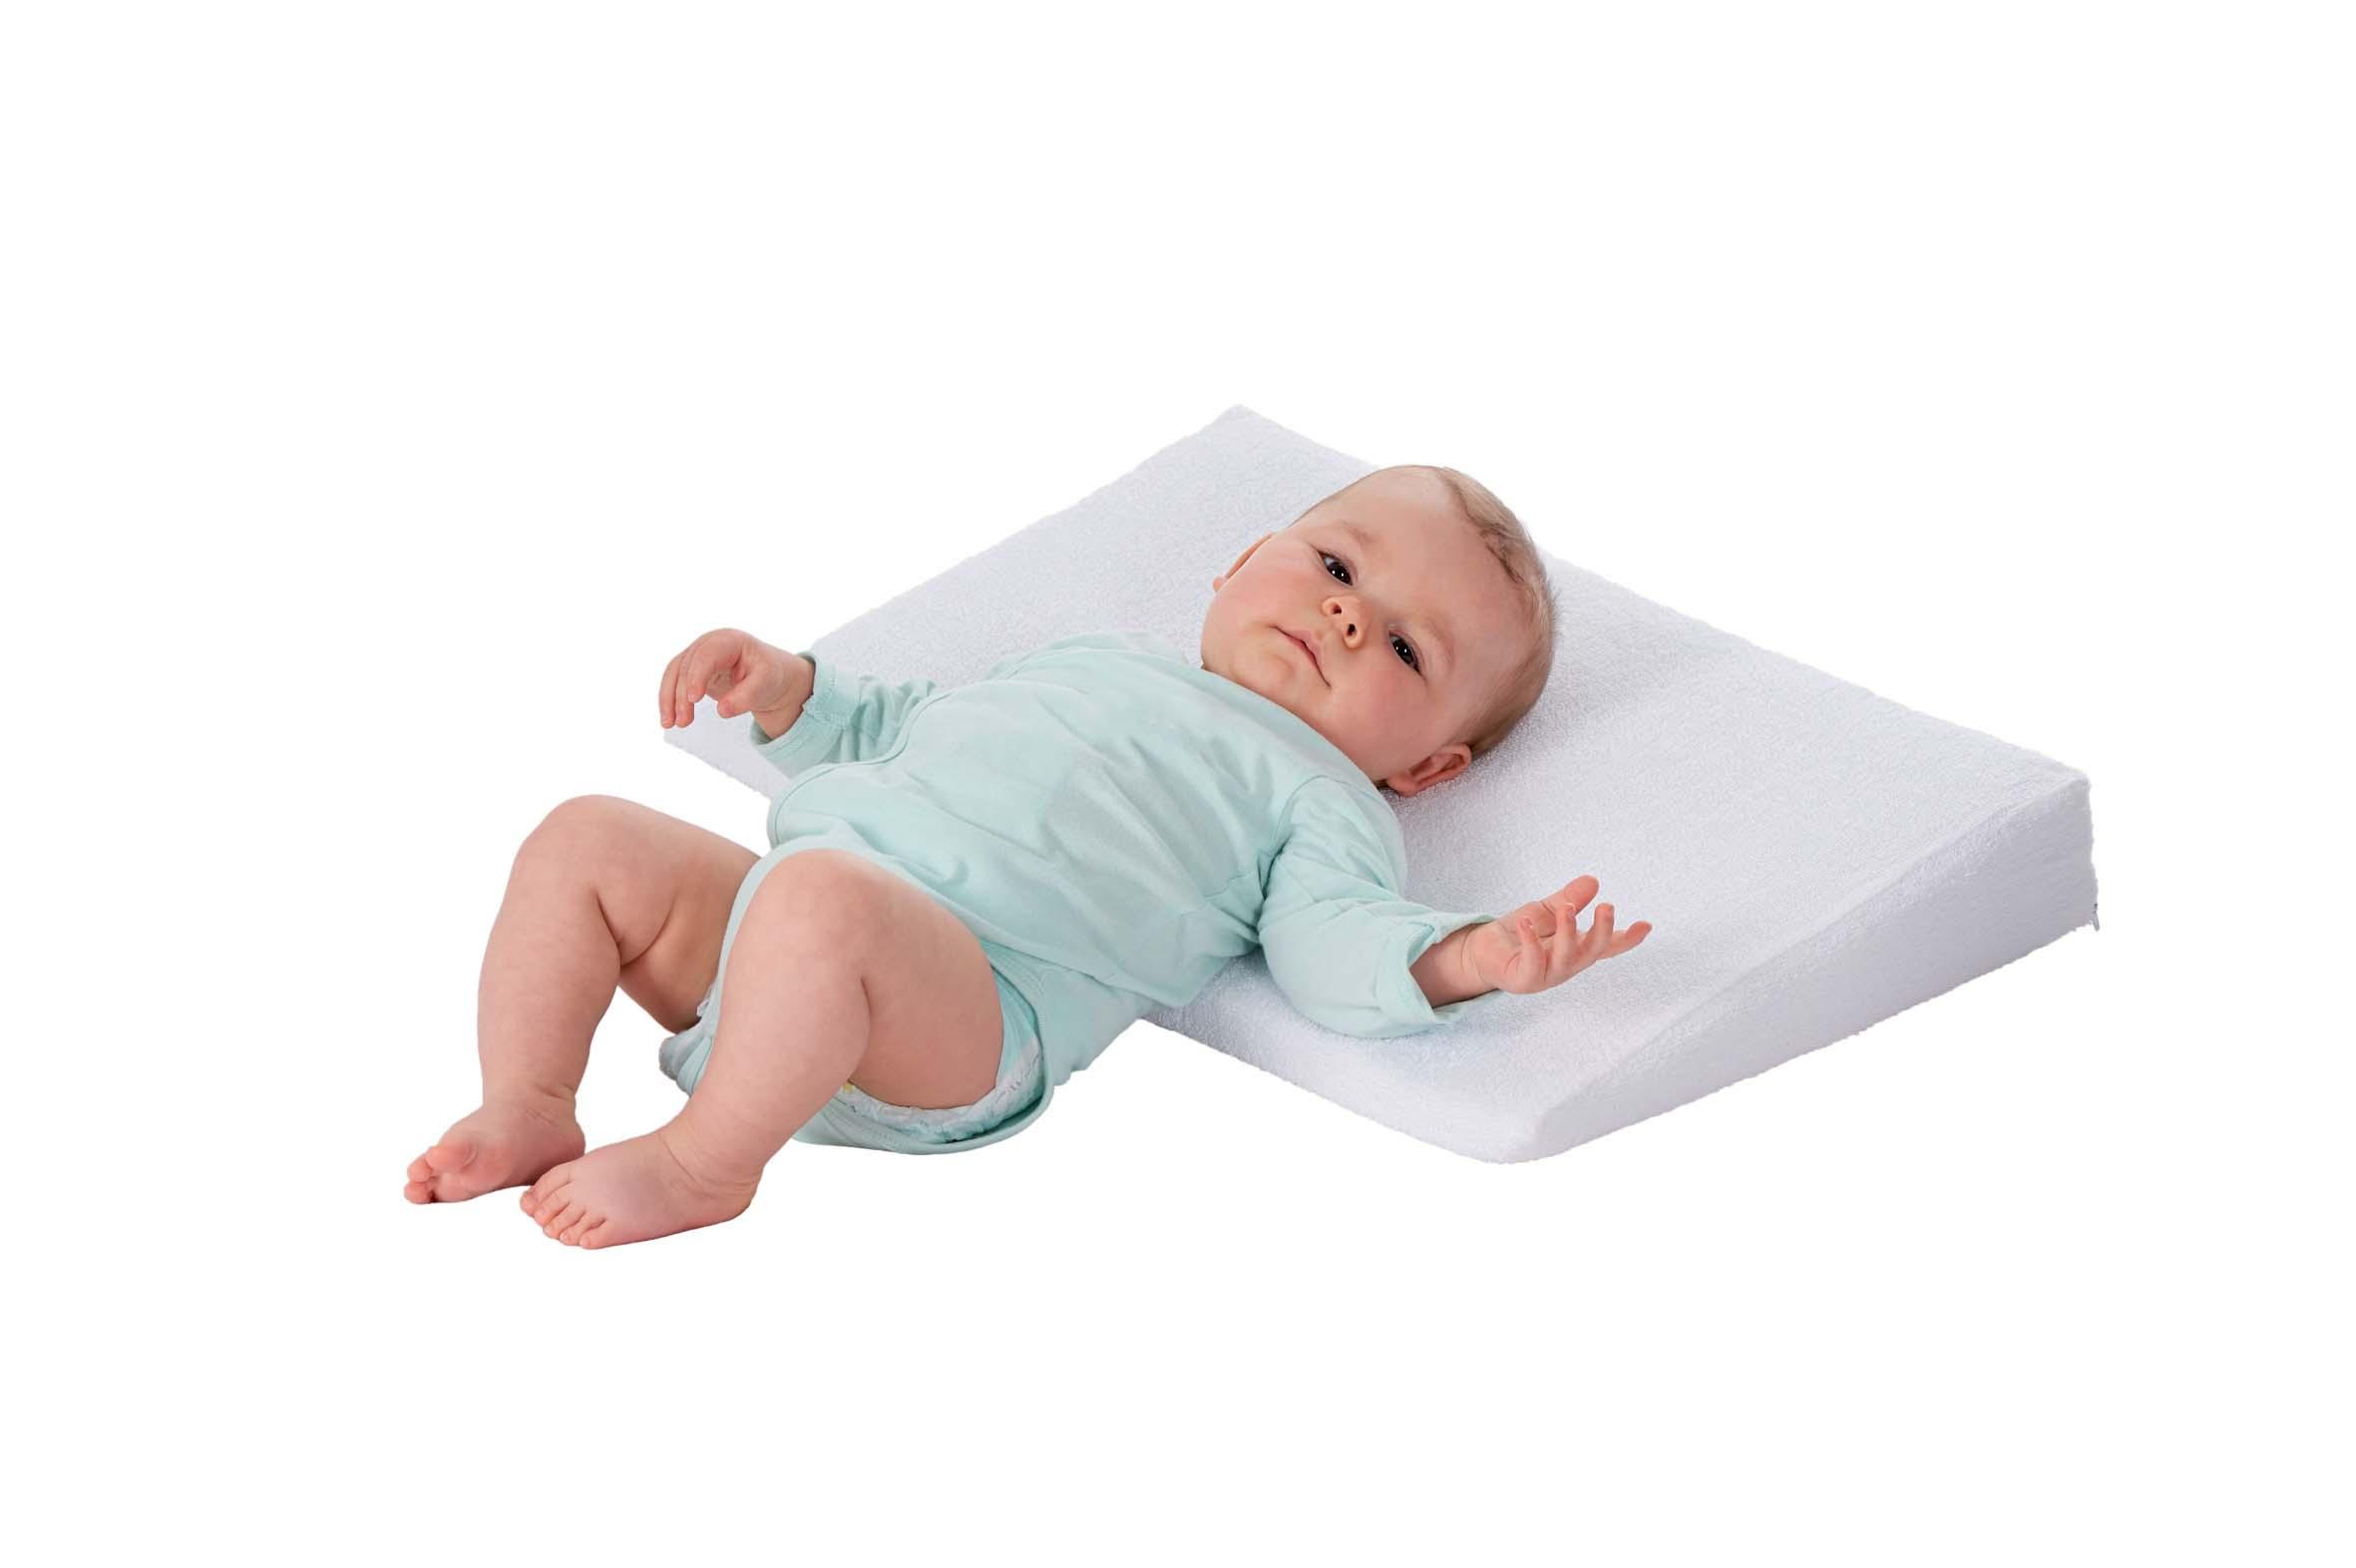 nos univers le sommeil accessoires literie  plan incline pour lits x cm